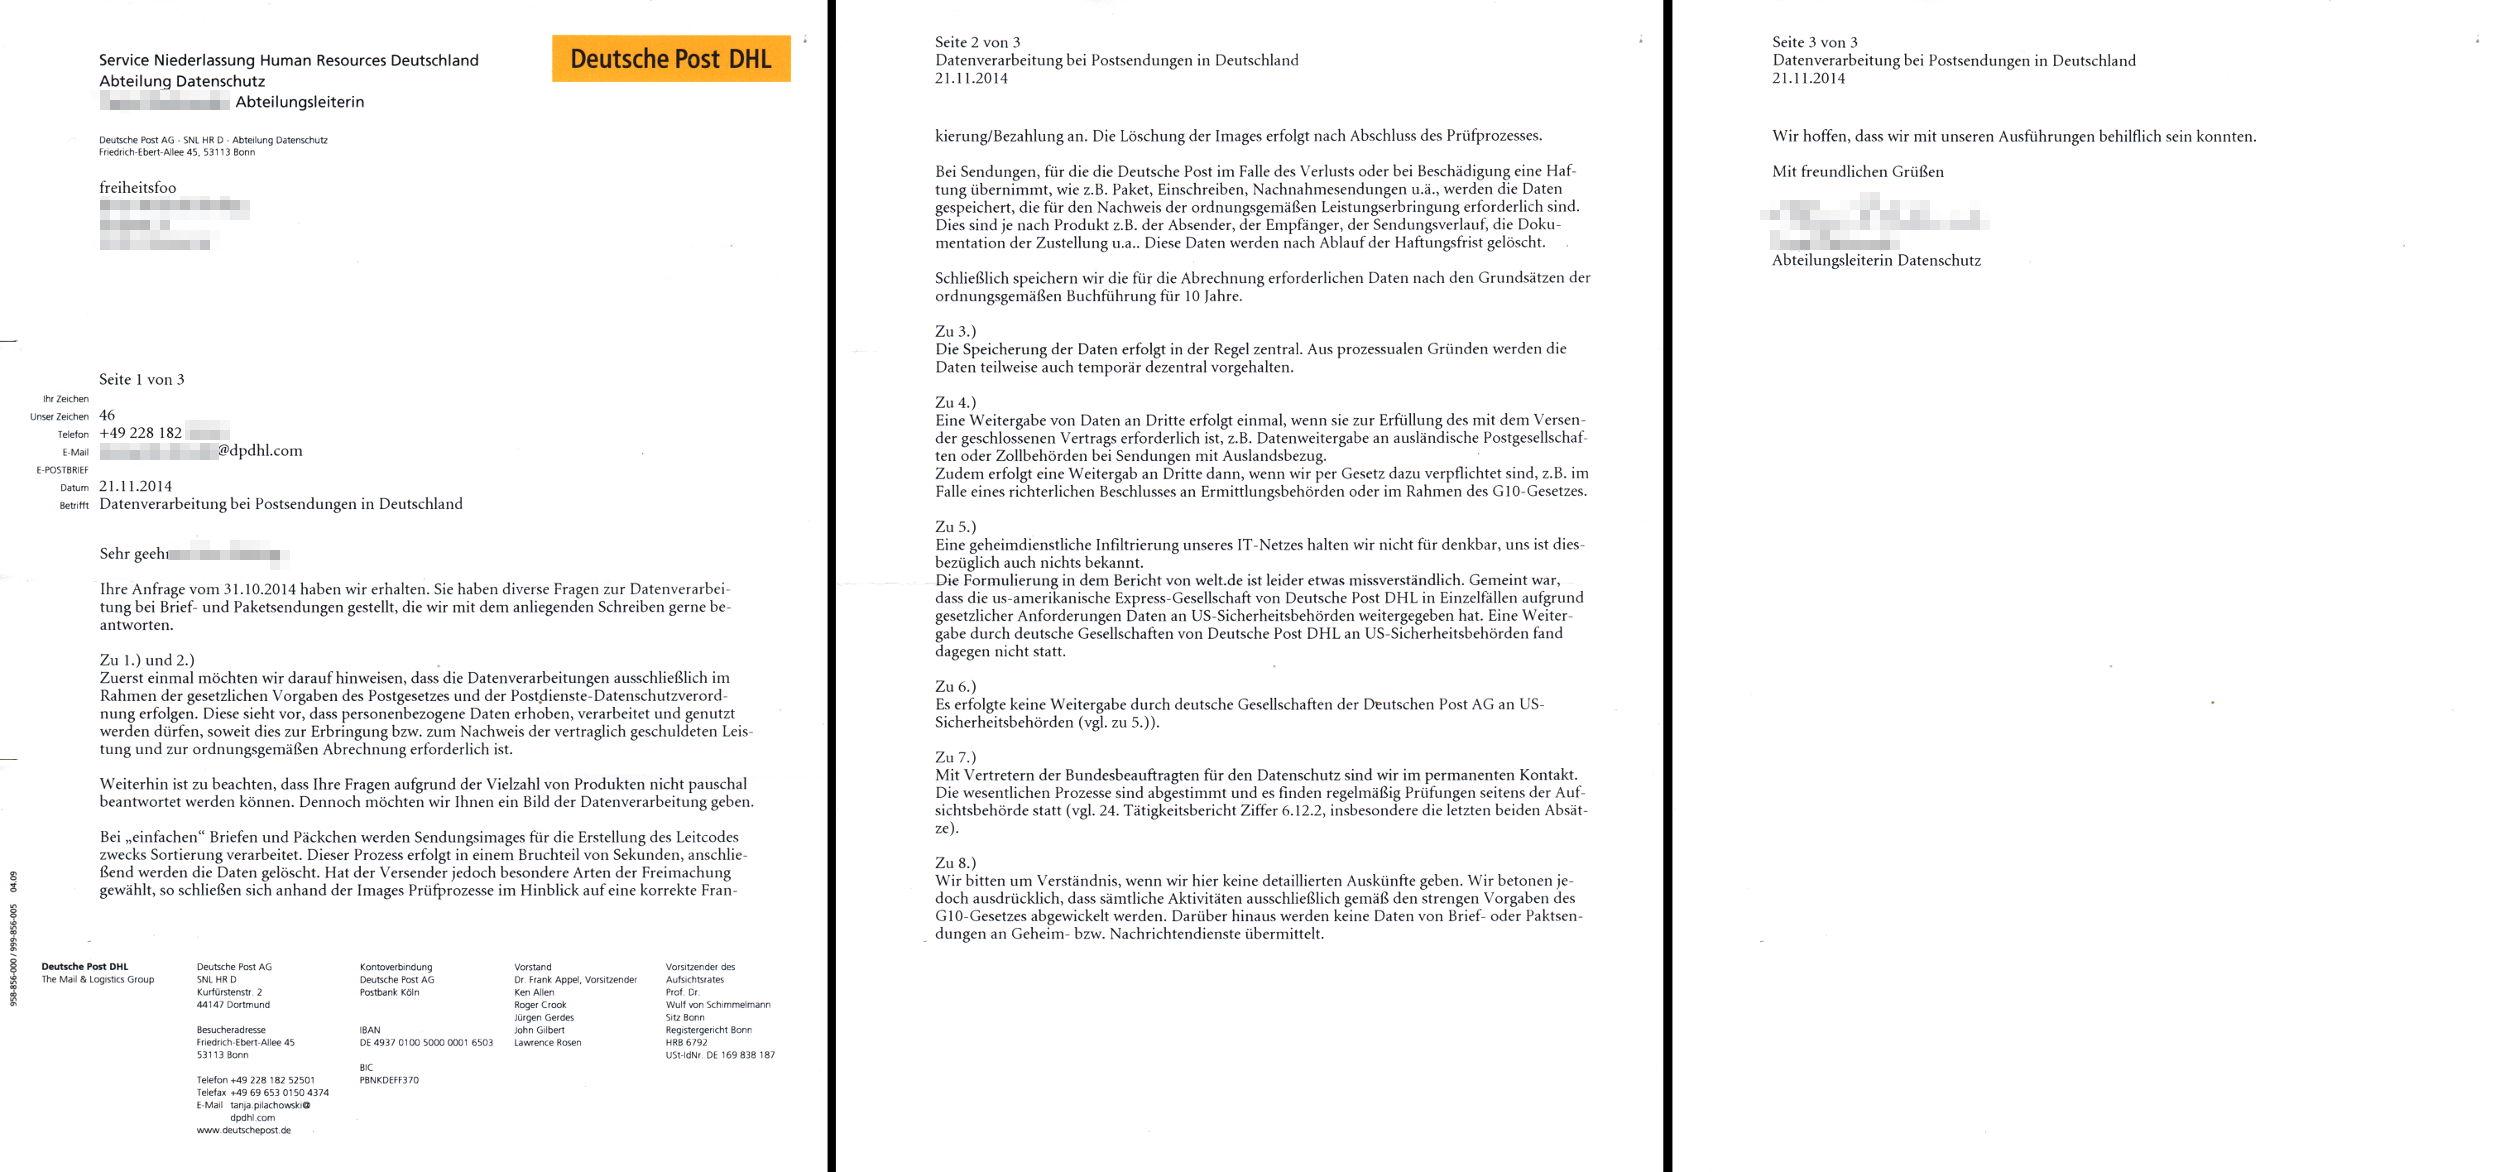 Freiheitsfoo Wiki Main Briefpostueberwachung